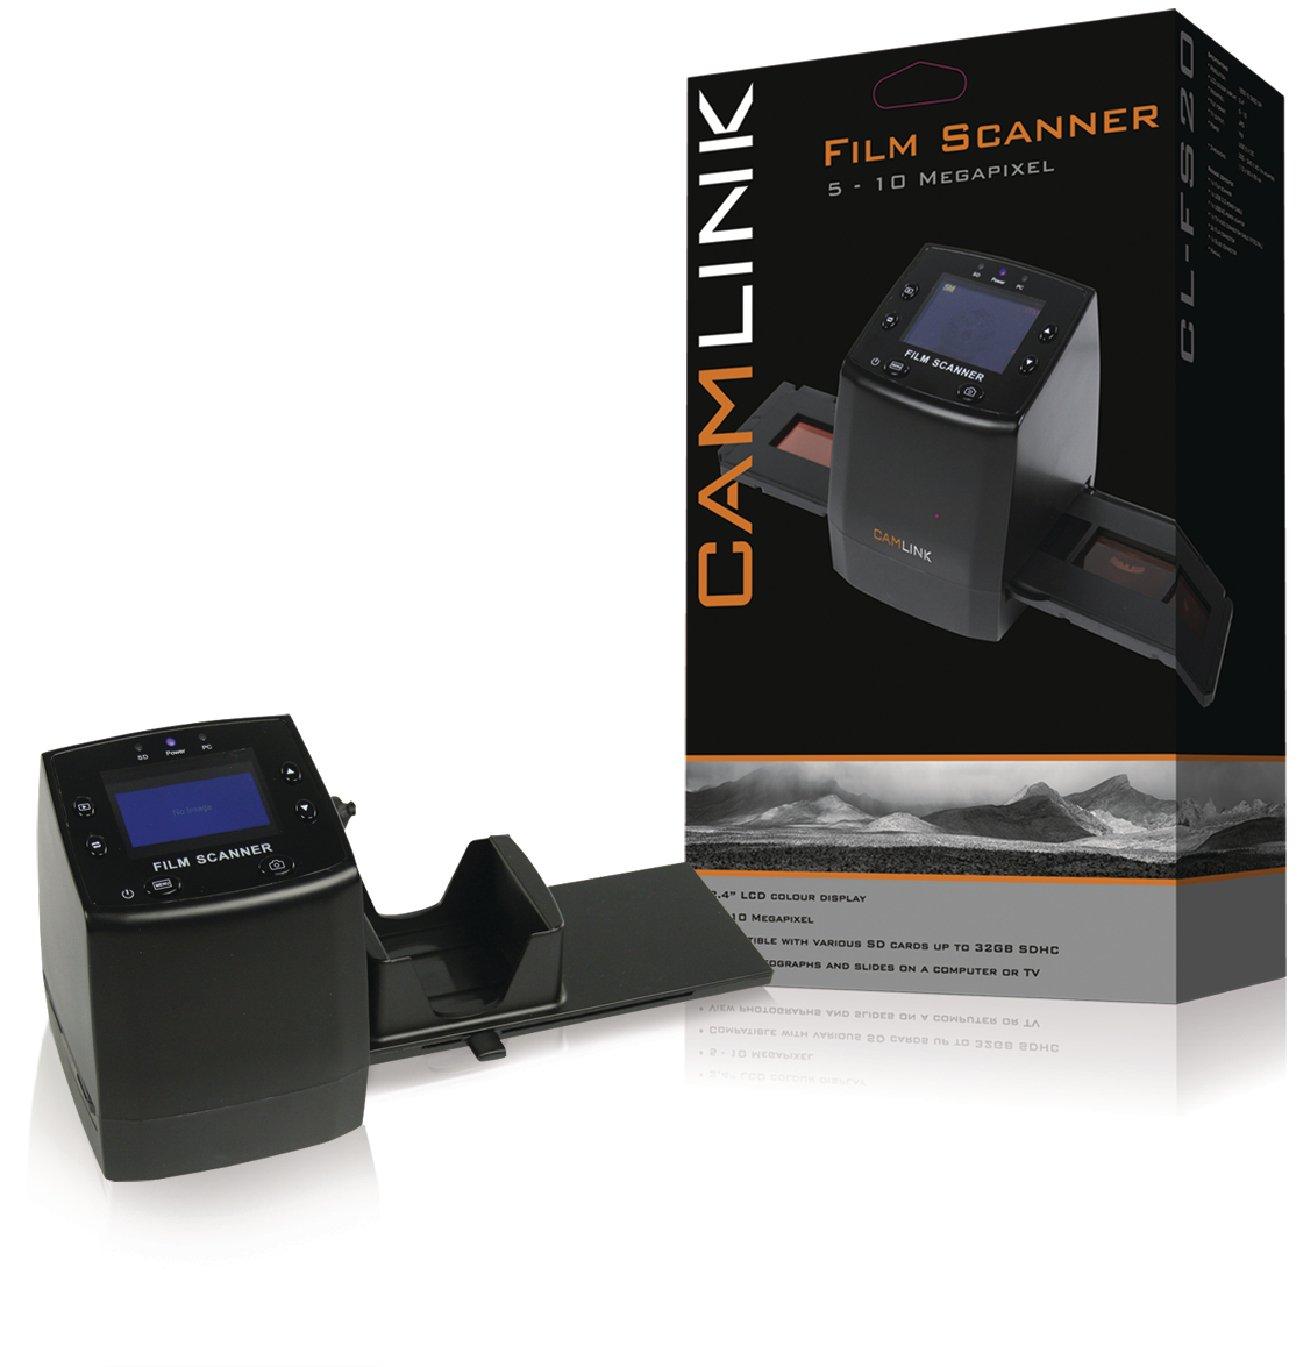 Camlink Film Scanner